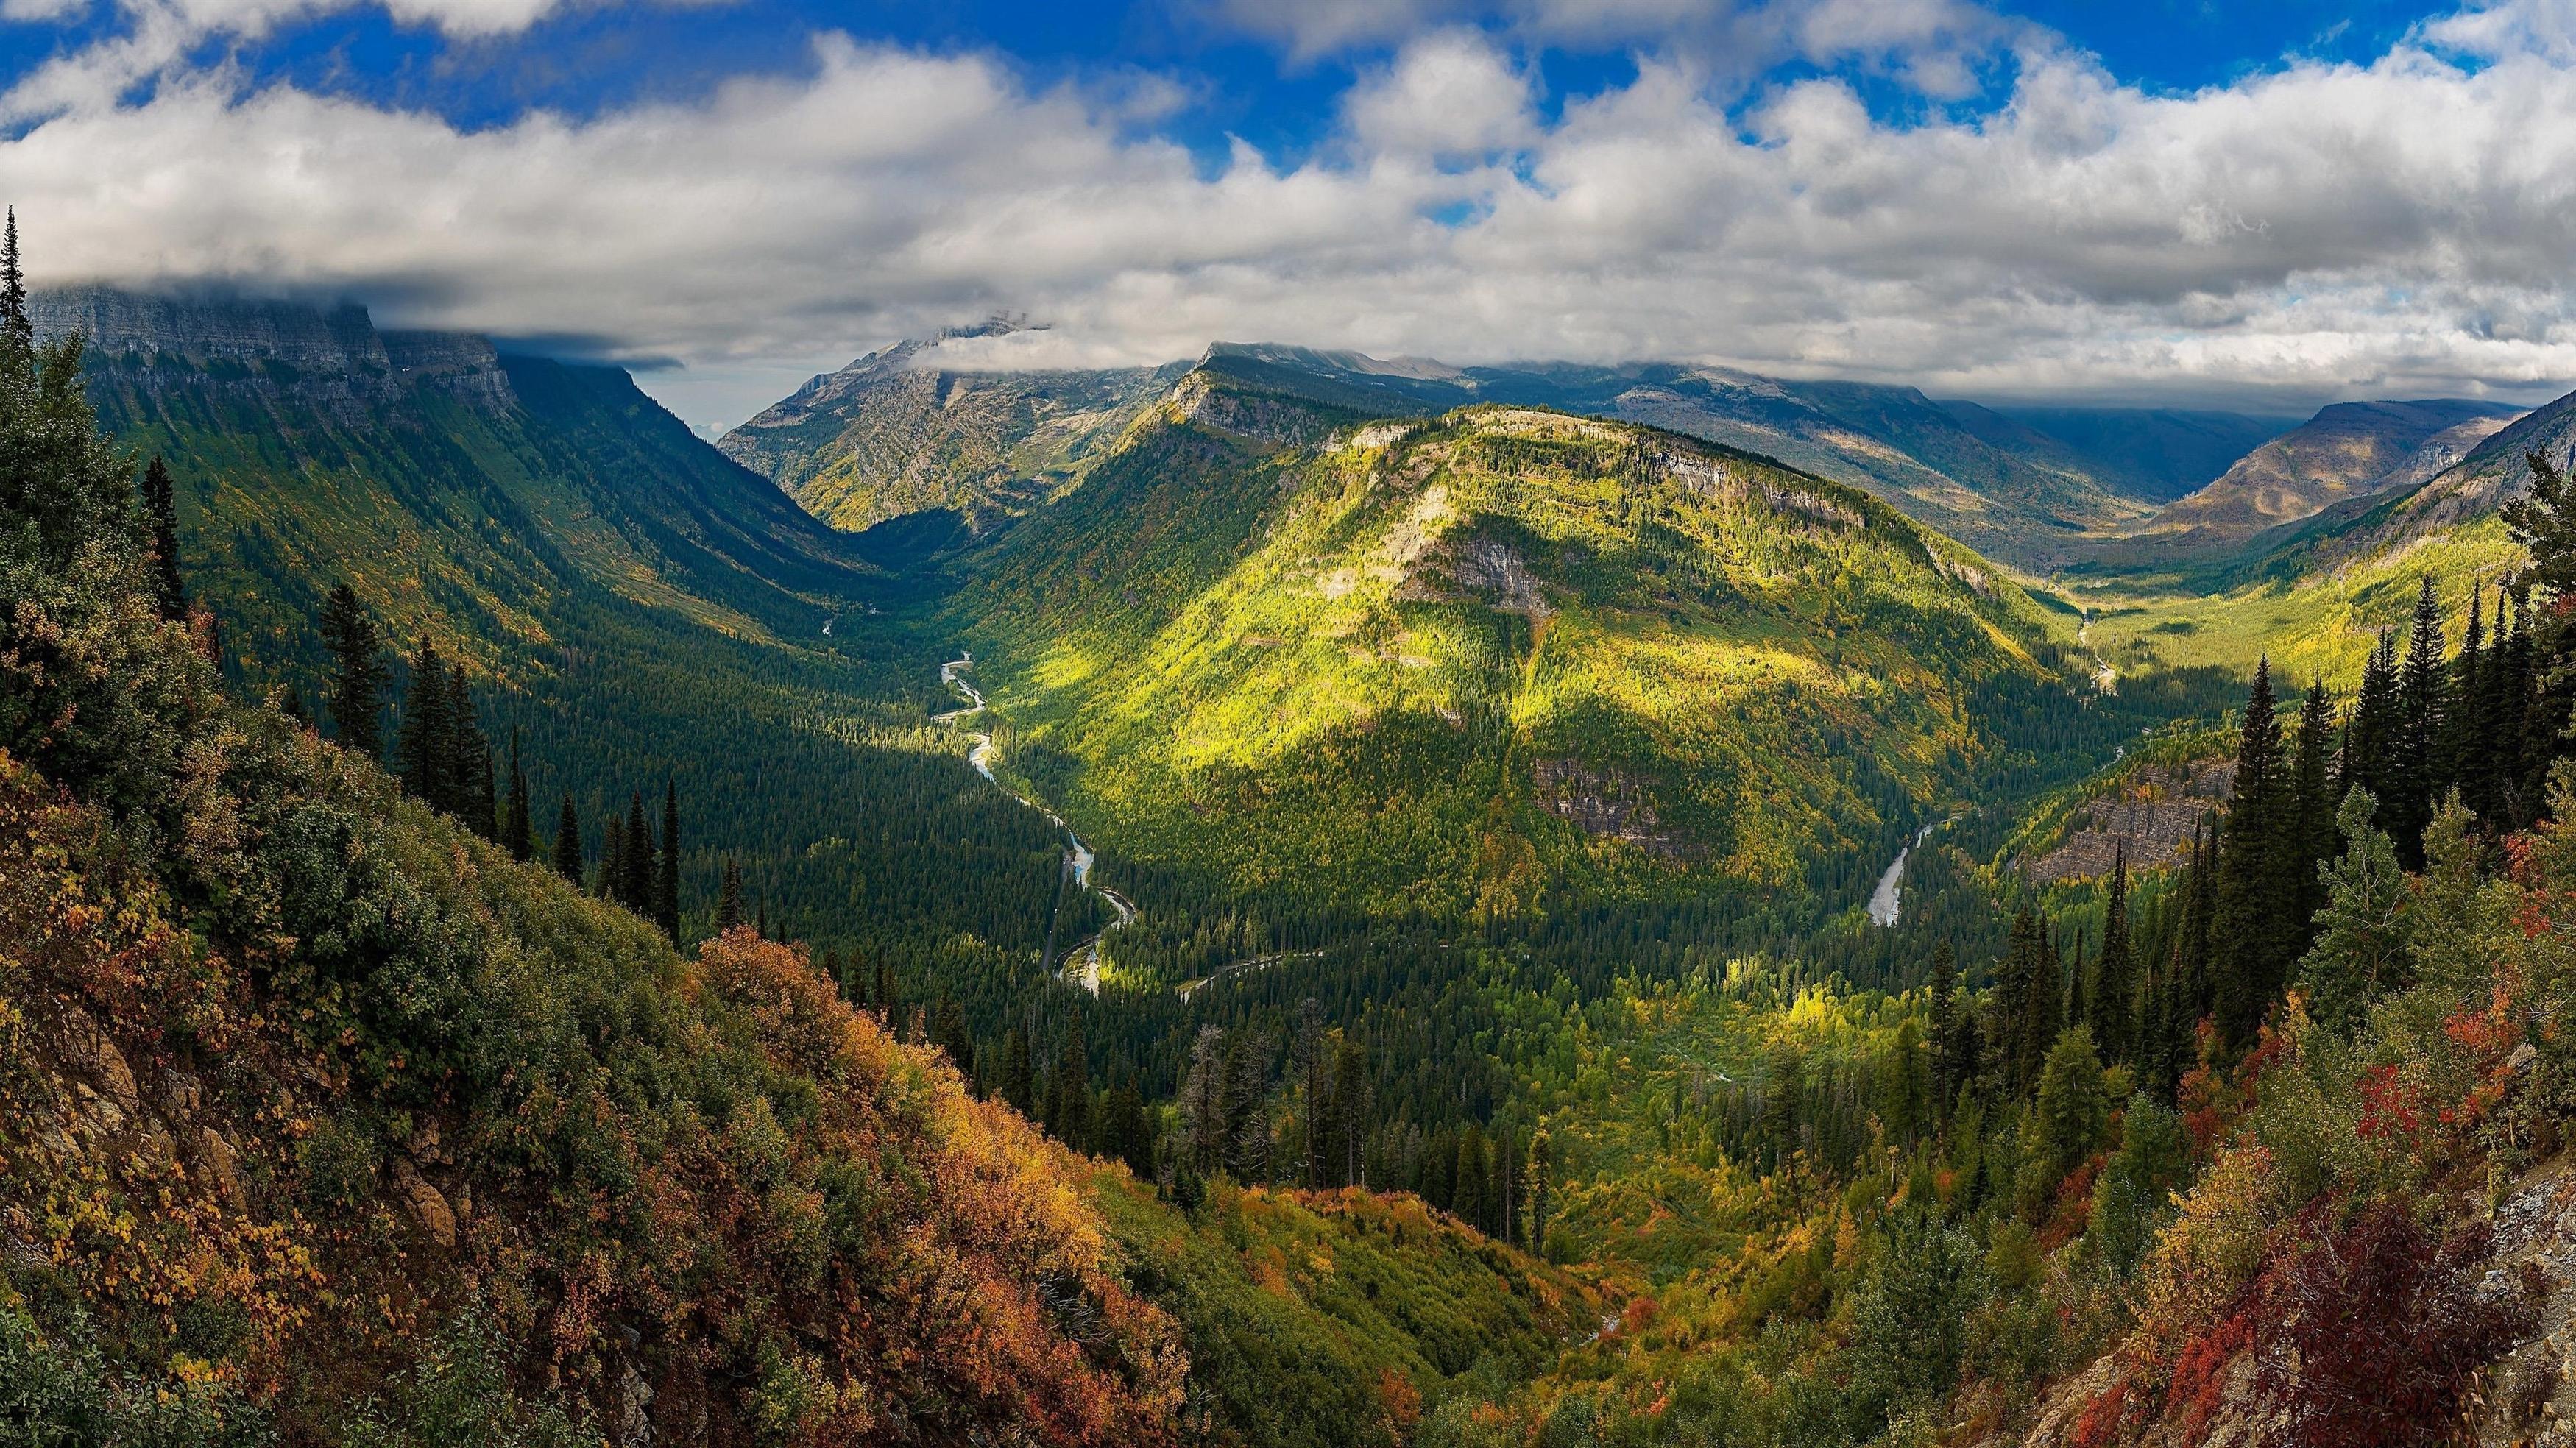 Покрытая зеленью гора под белыми облаками с зелеными деревьями в дневное время природа обои скачать